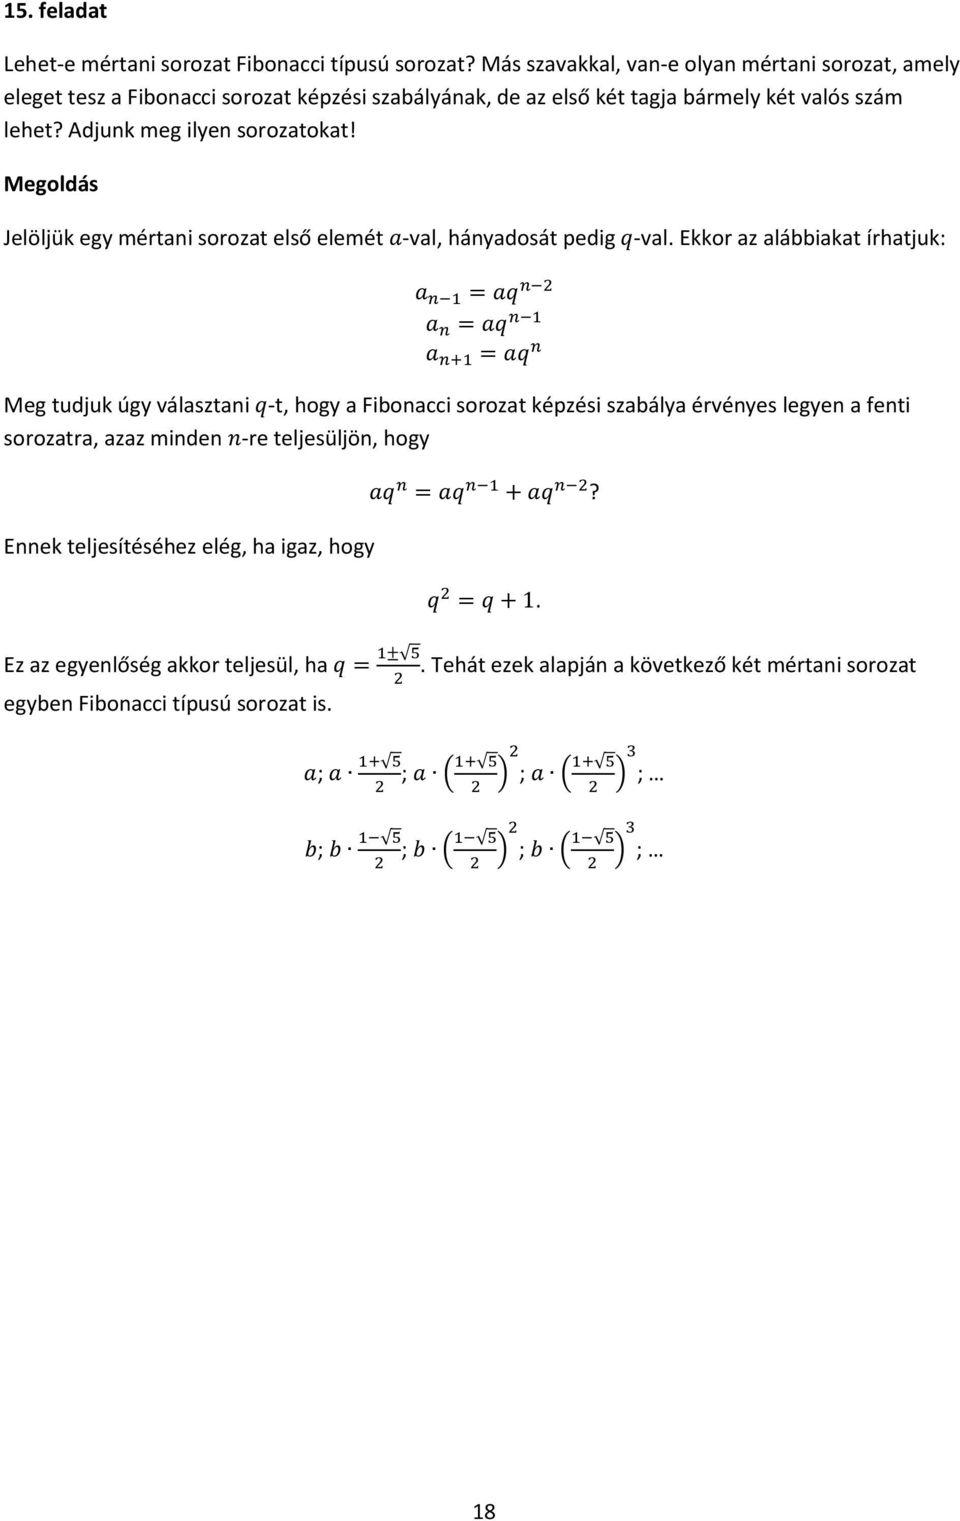 Fibonacci kiterjesztések és javítások